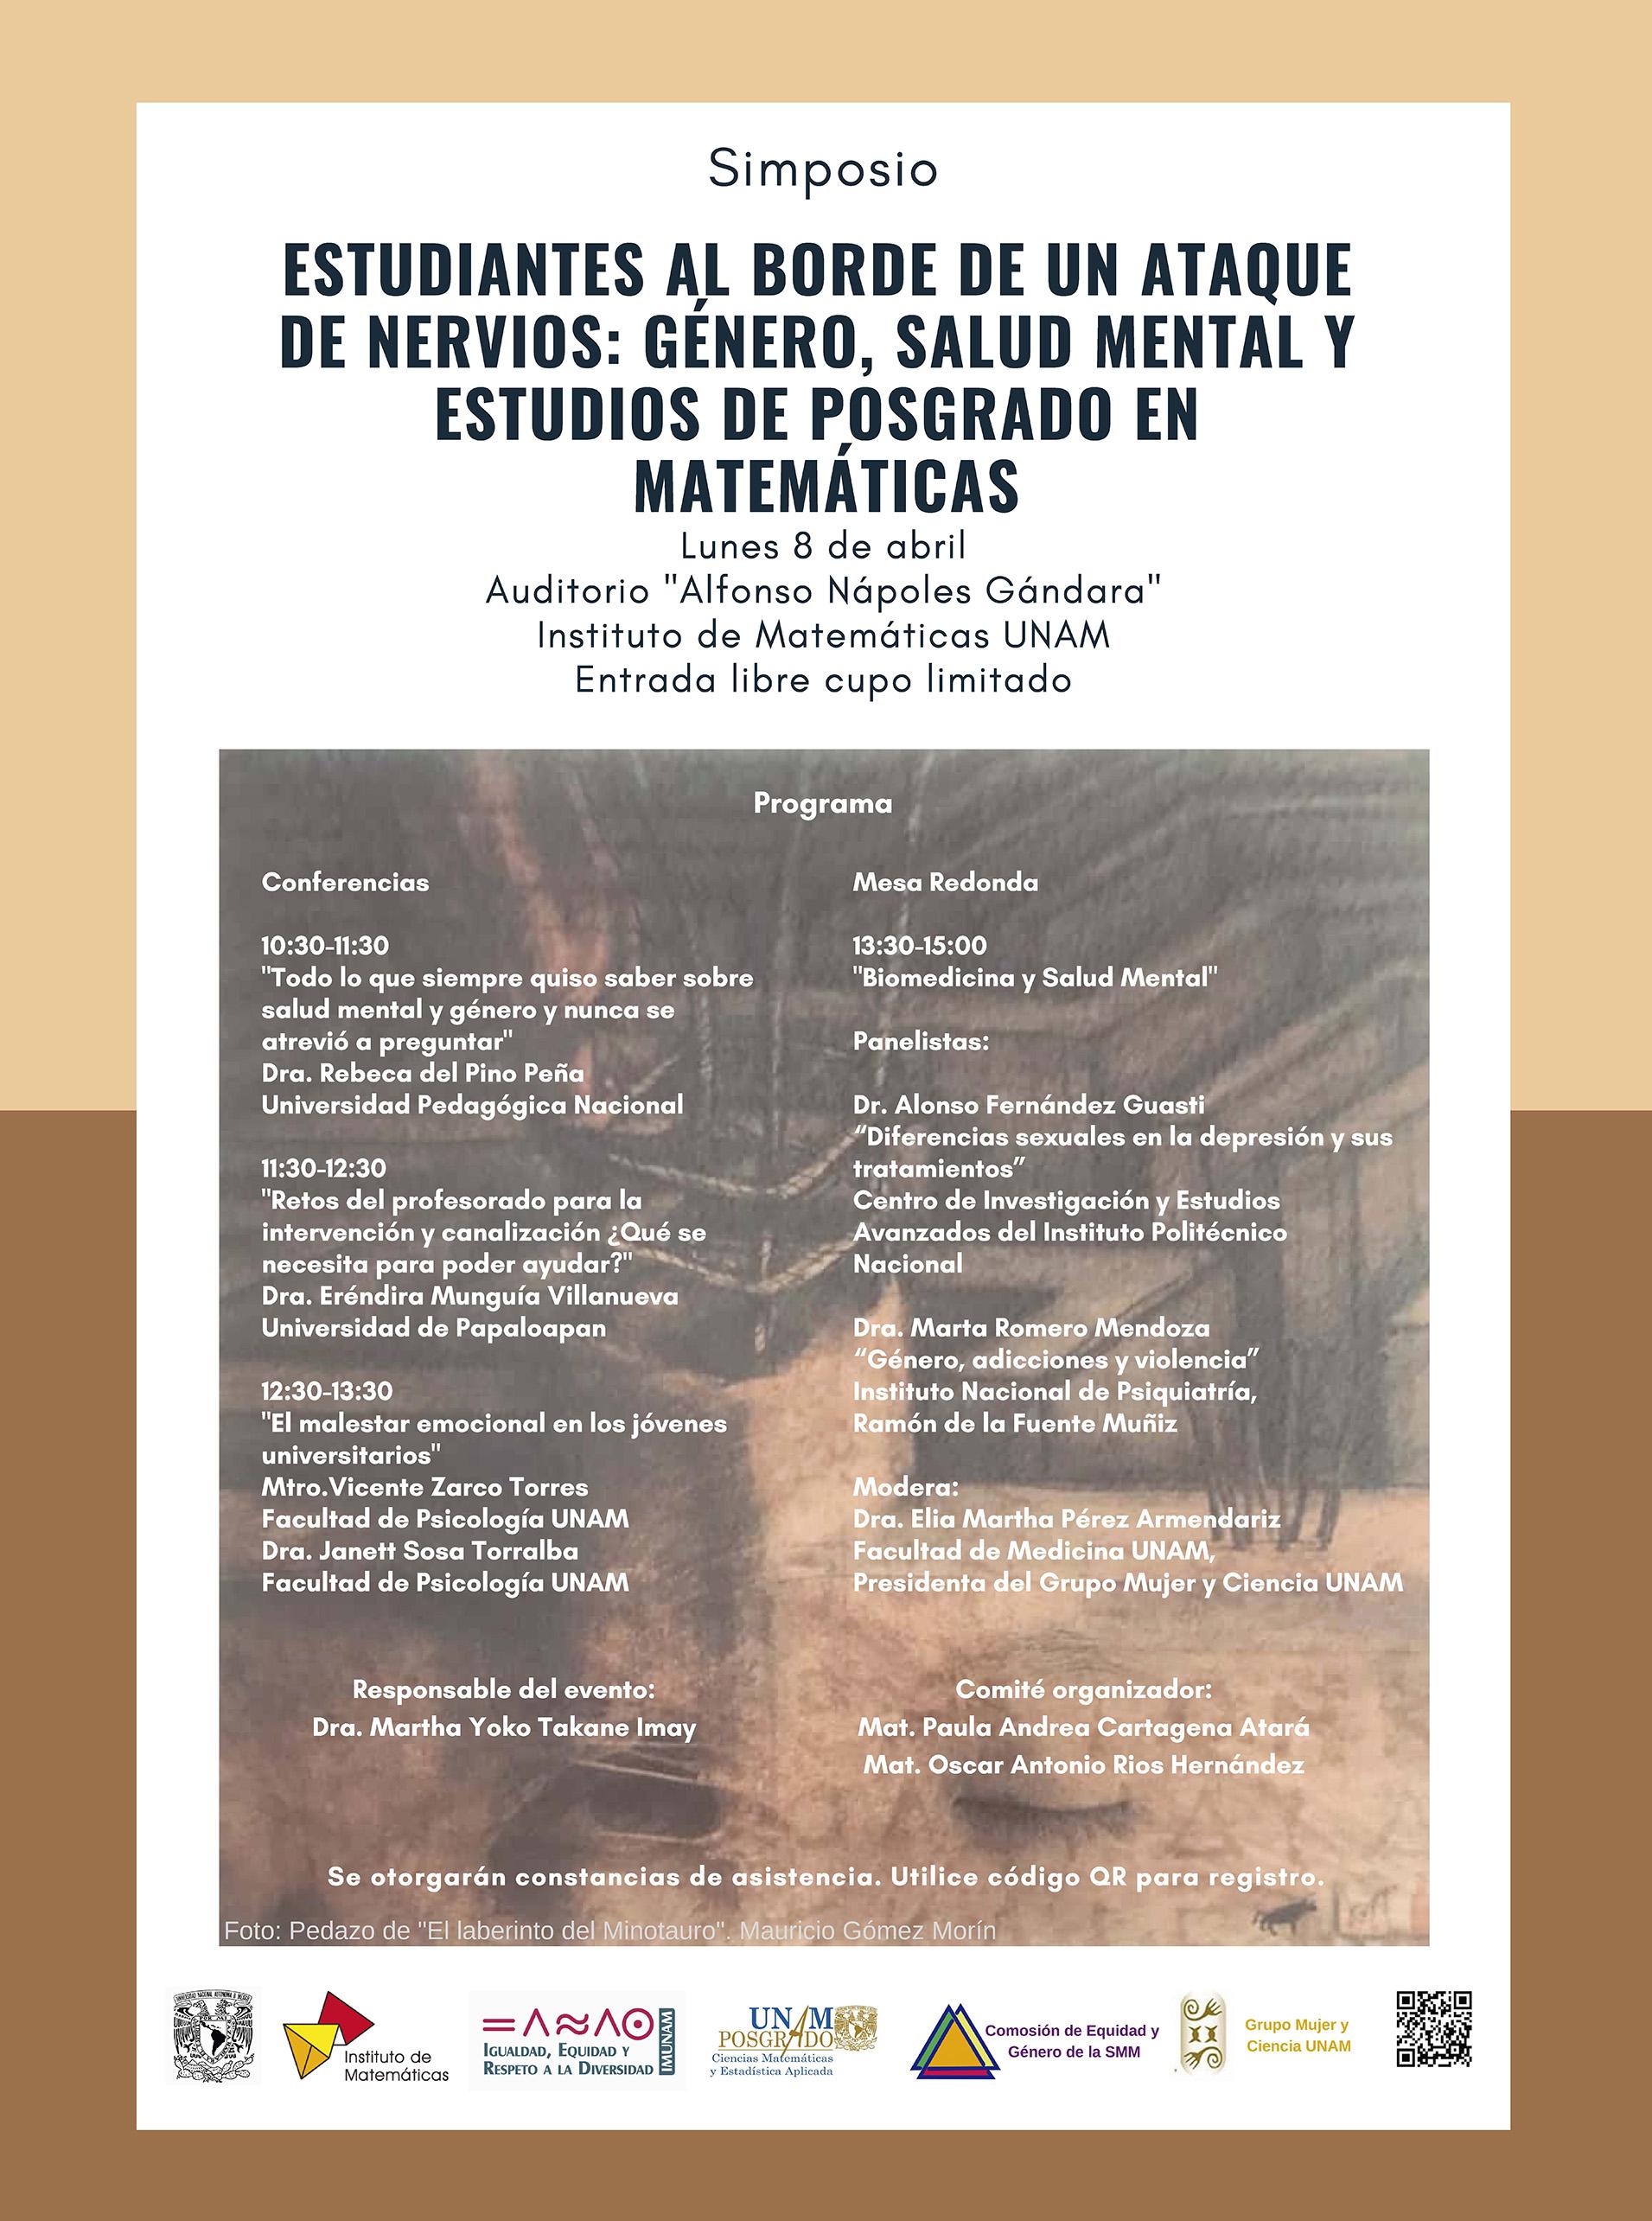 Simposio: Estudiantes al borde de una ataque de nervios: Género, salud mental y estudios de posgrado en matemáticas